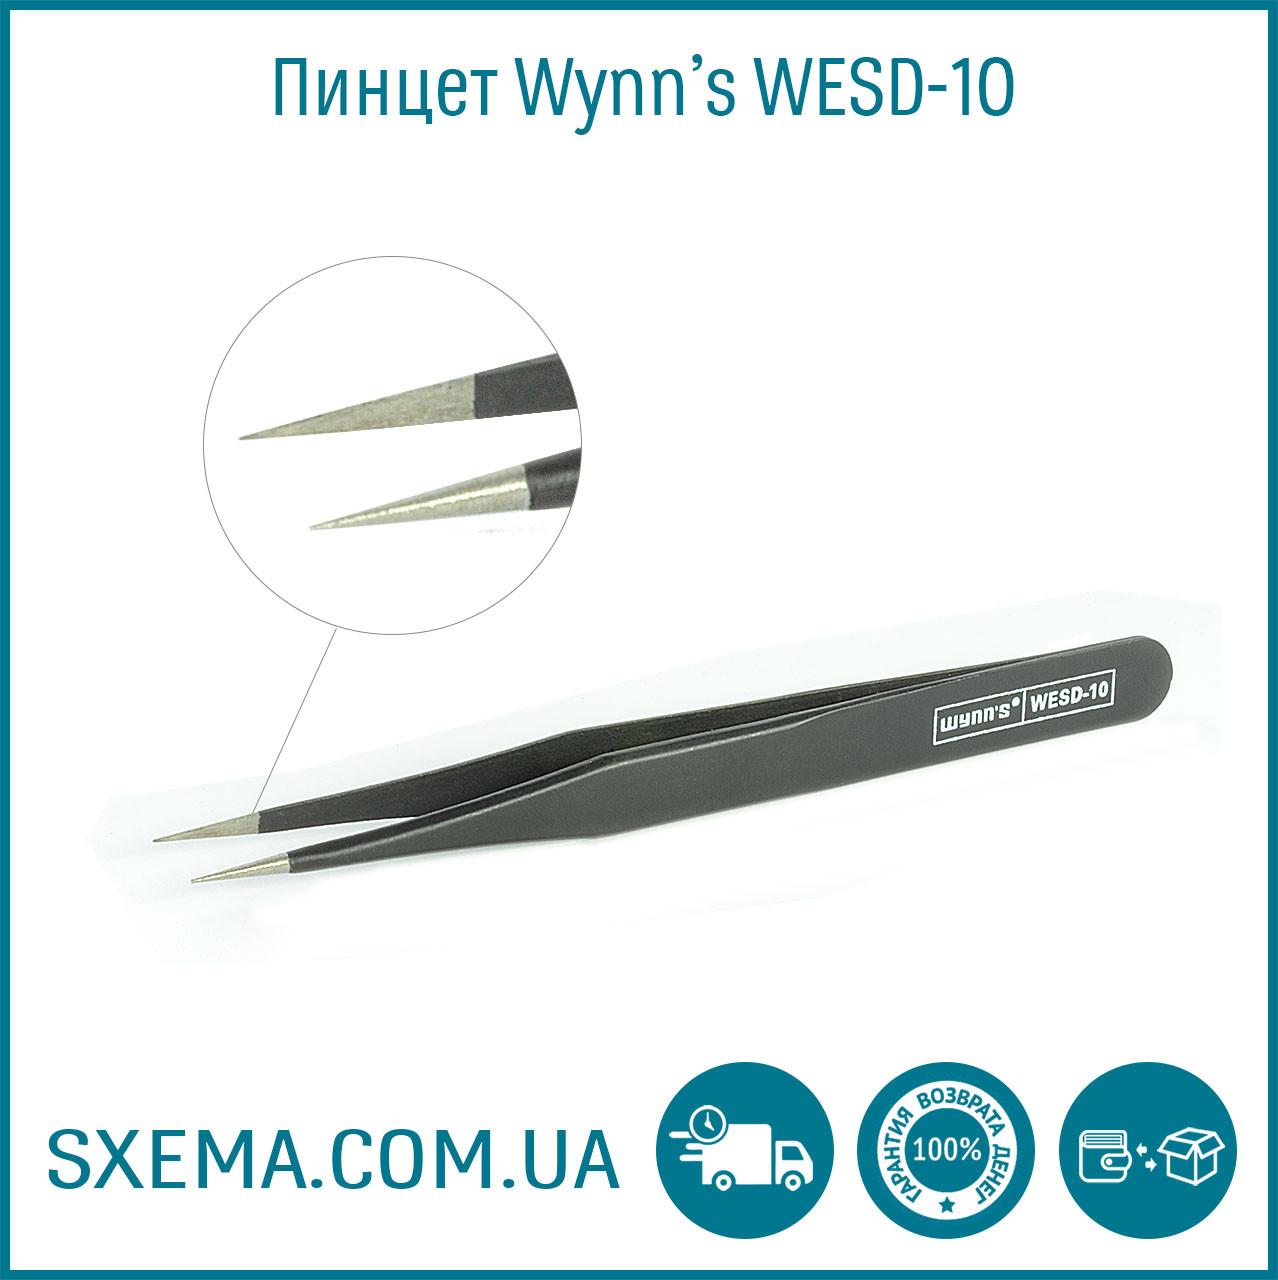 Пинцет Wynns WESD-10 прямой острый 122мм